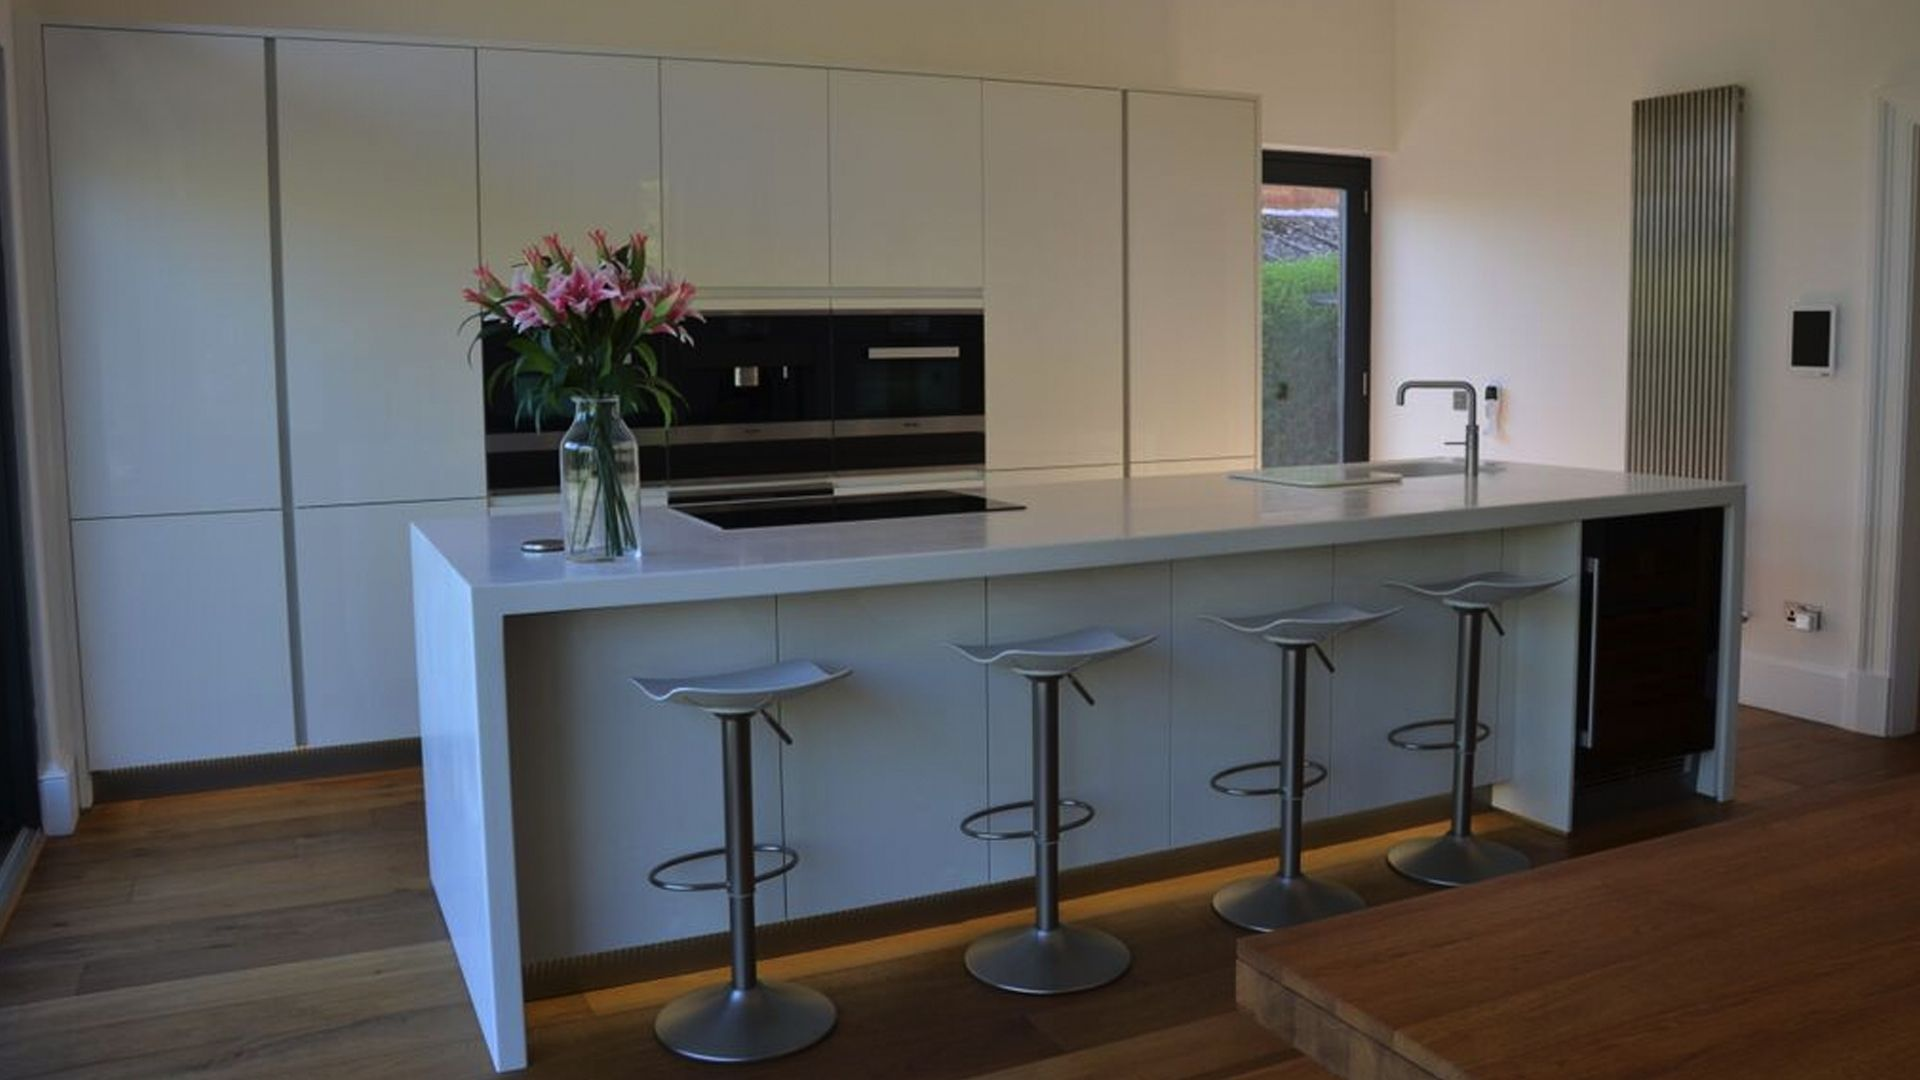 David & Ellen's new kitchen